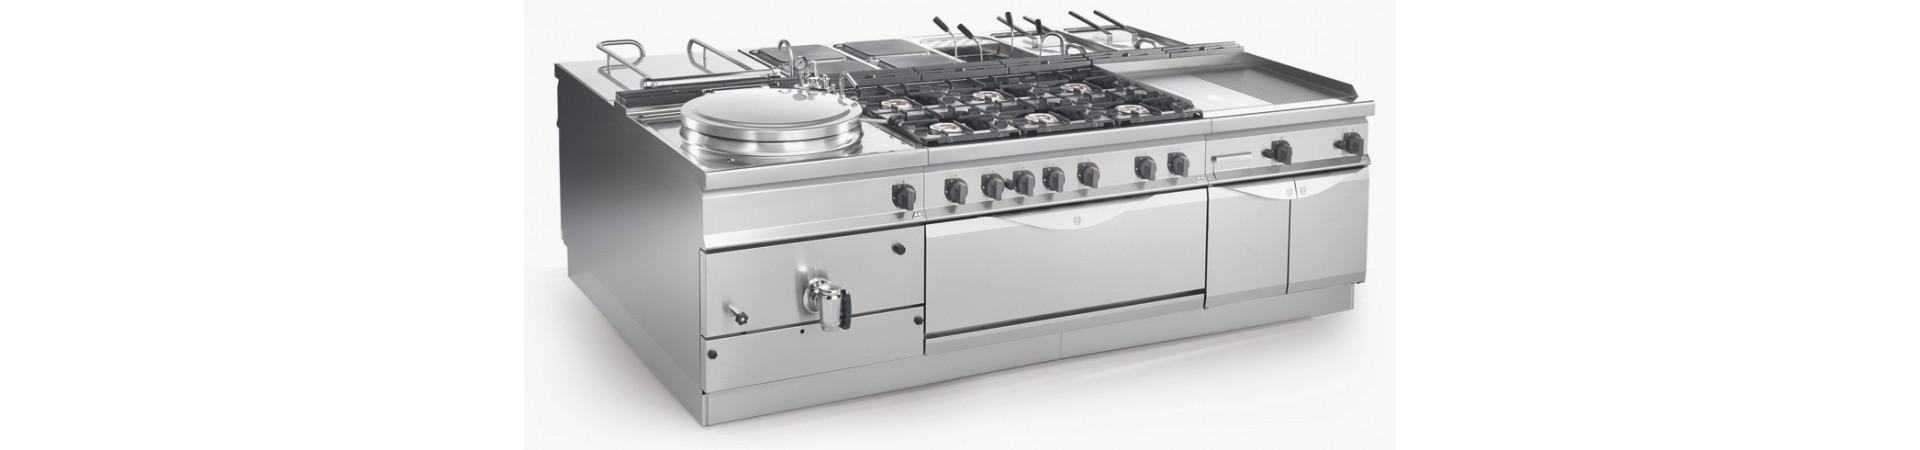 Cocinas de Sobremesa, Cocinas a Gas o eléctricas online con garantía y envío rápido